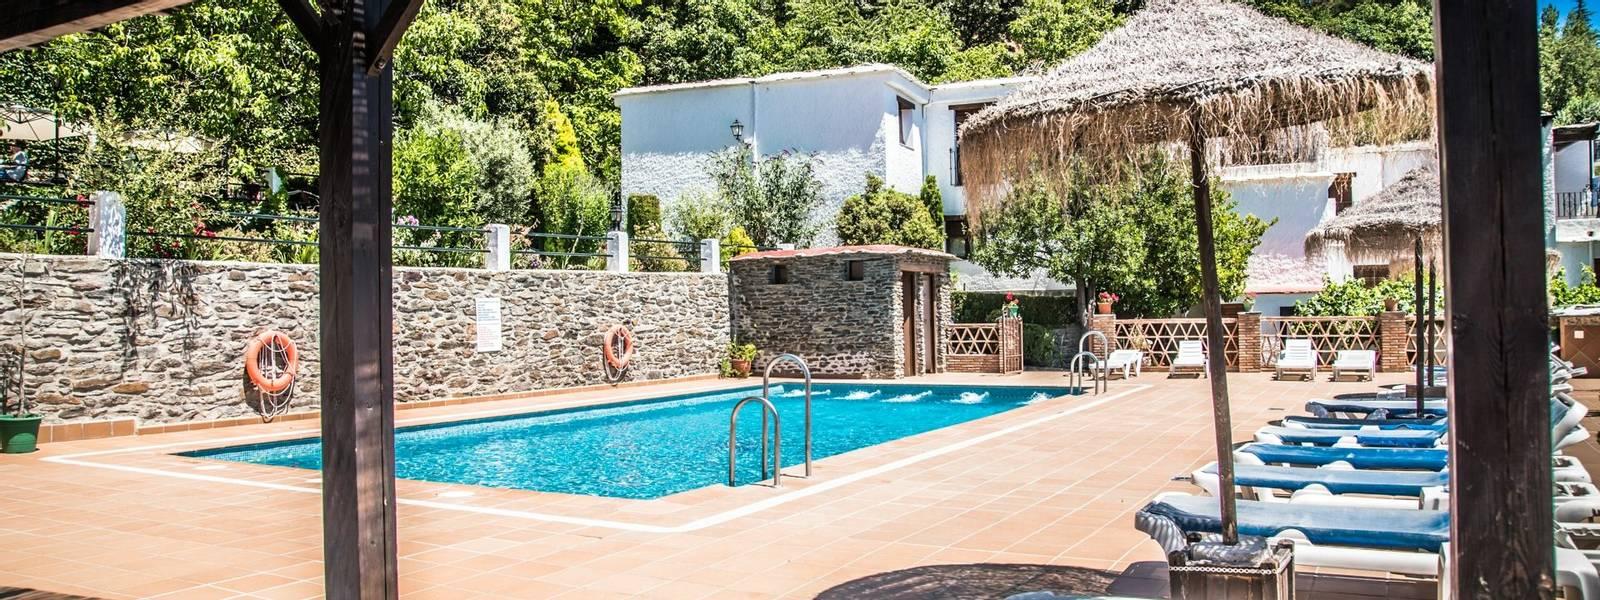 Spain - Las Alpujarras - Hotel Finca Los Llanos -DSC_4469.jpg